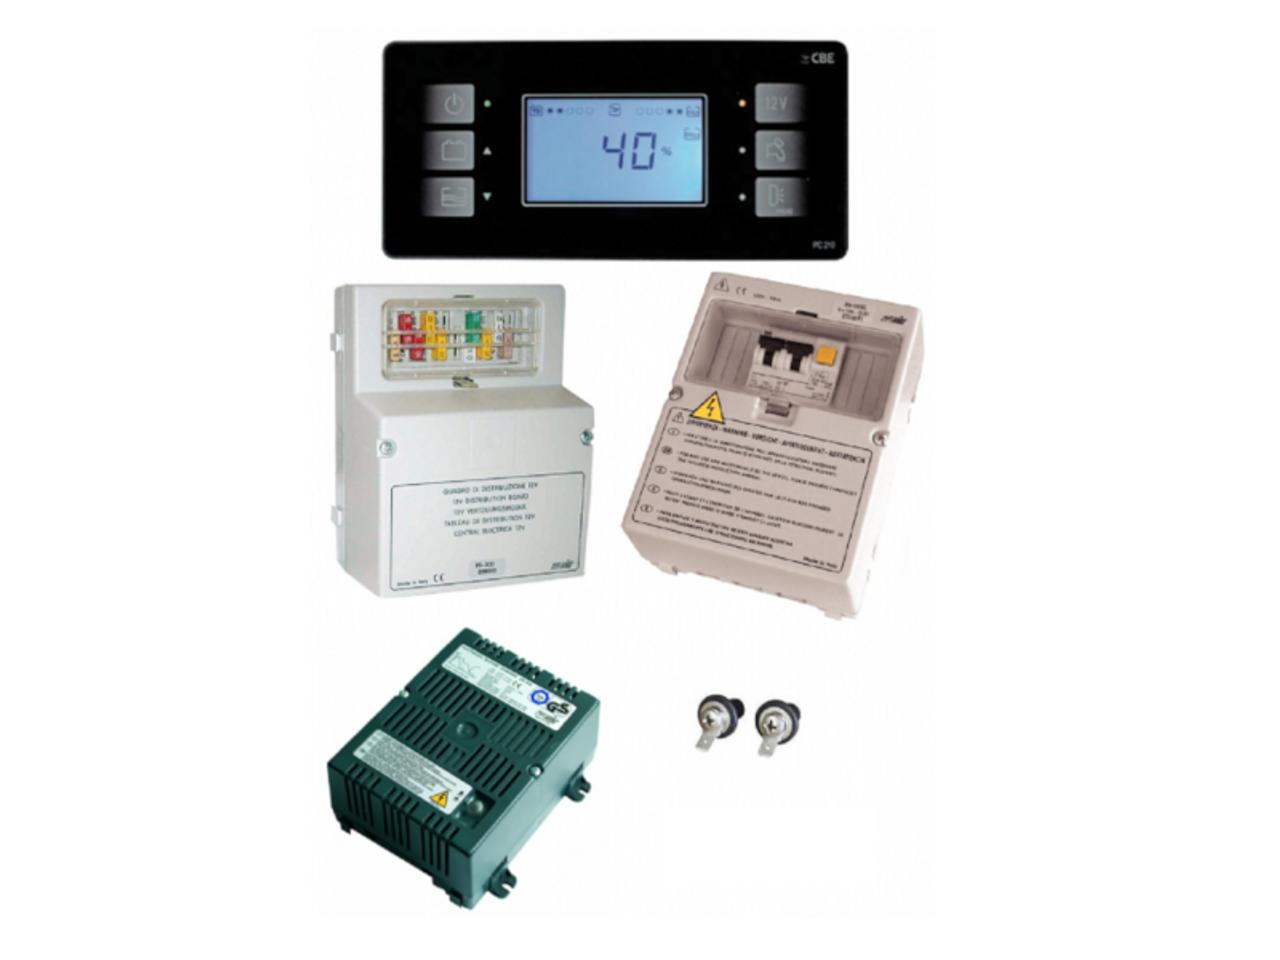 CBE PC 210 full power management kit